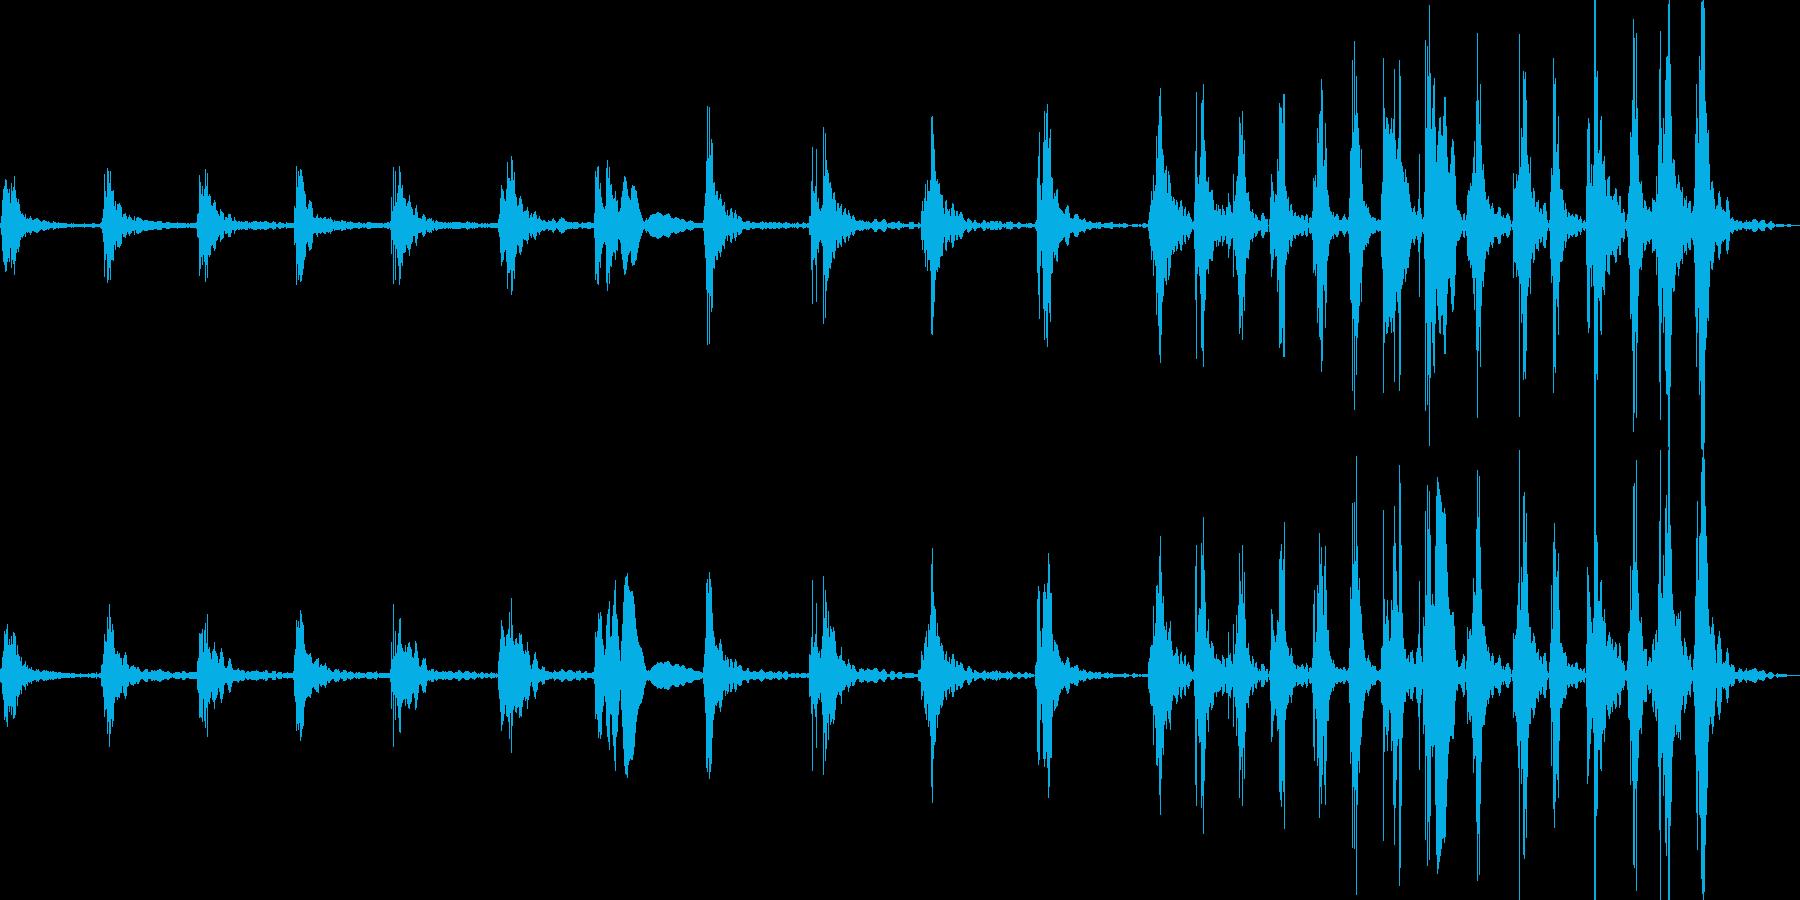 ひたひたと何かが近づく足音の再生済みの波形